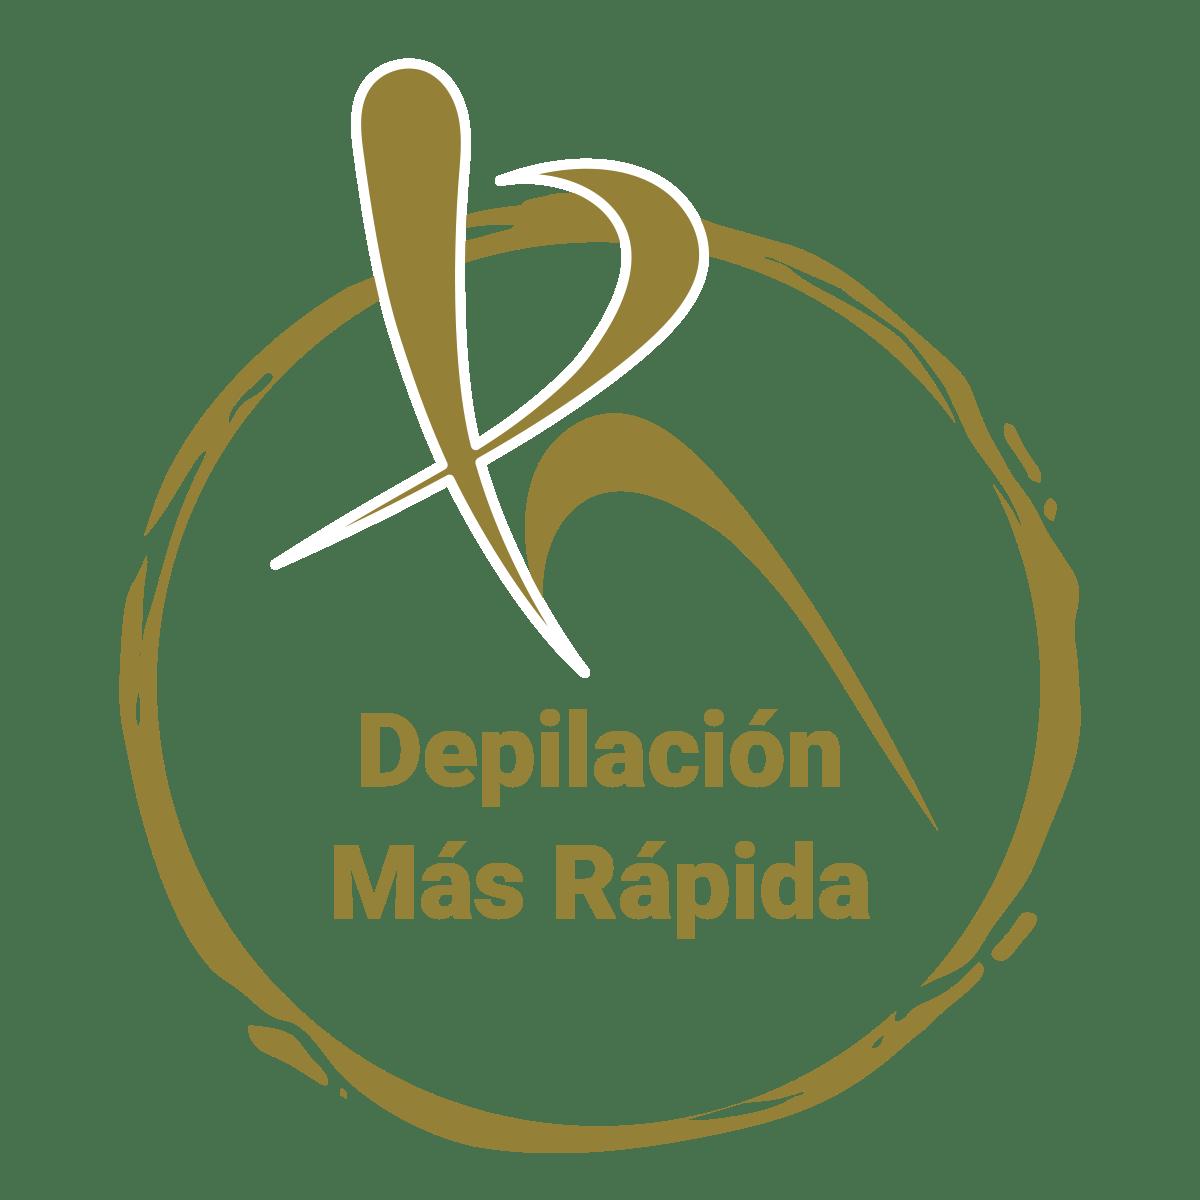 Centros de Depilación Láser SHR Reme Aguilar en Murcia y Molina de Segura - Servicios Mujer